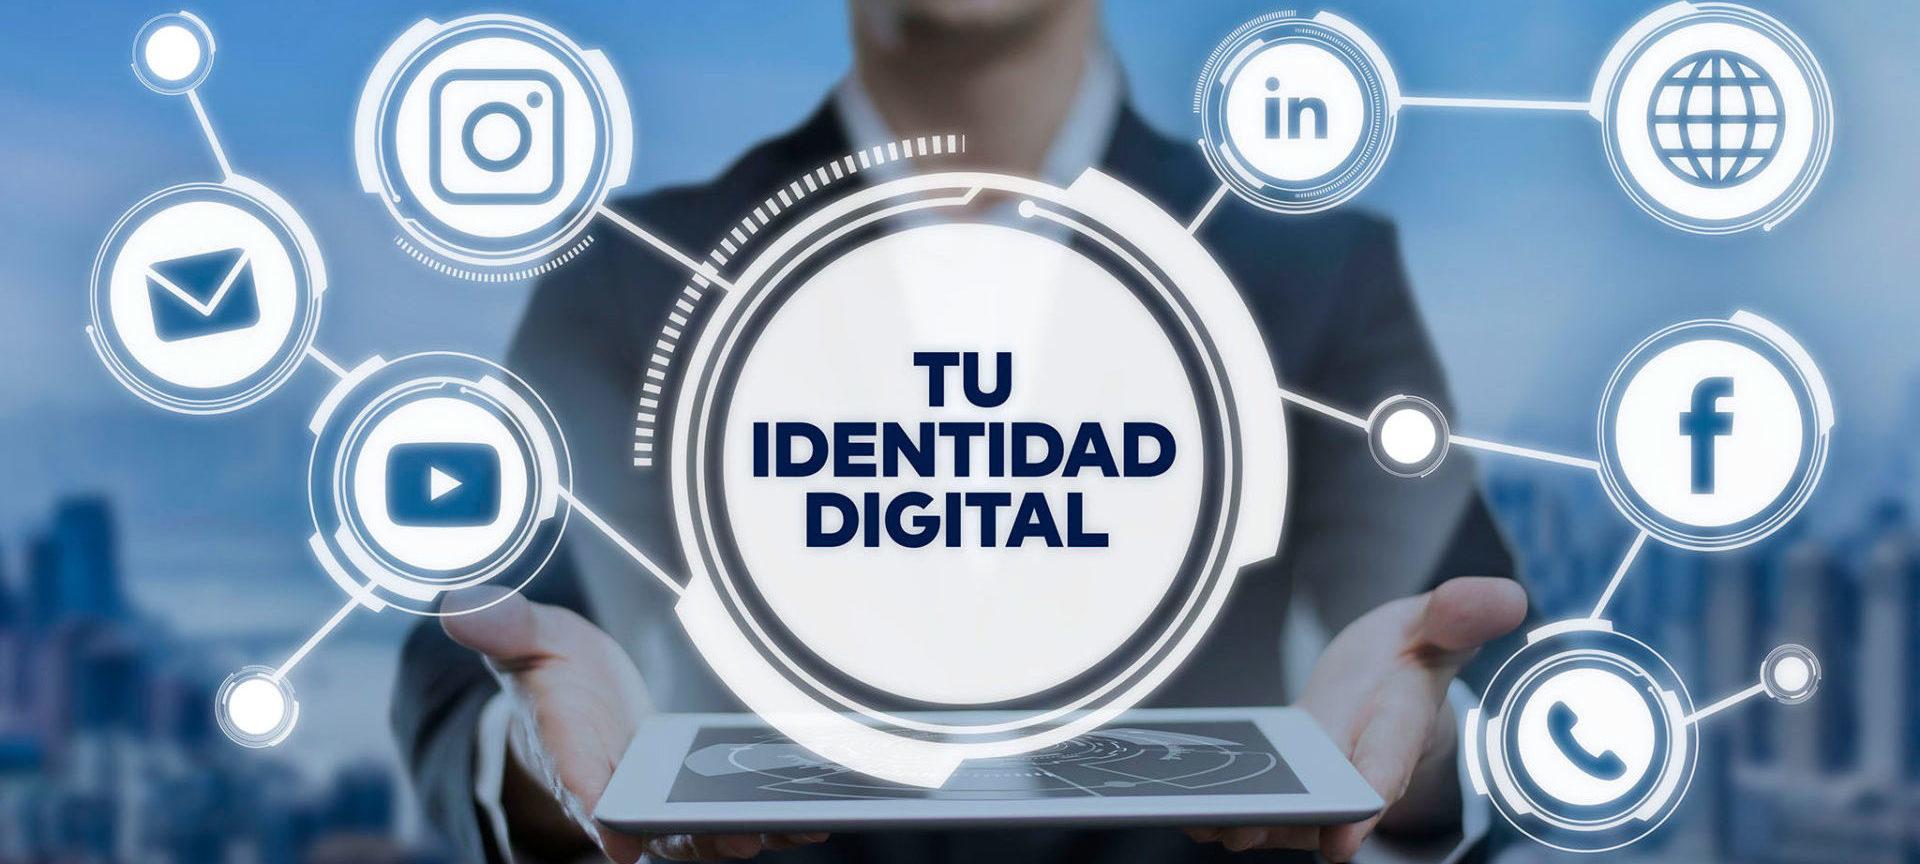 Tarjeta de presentación digital